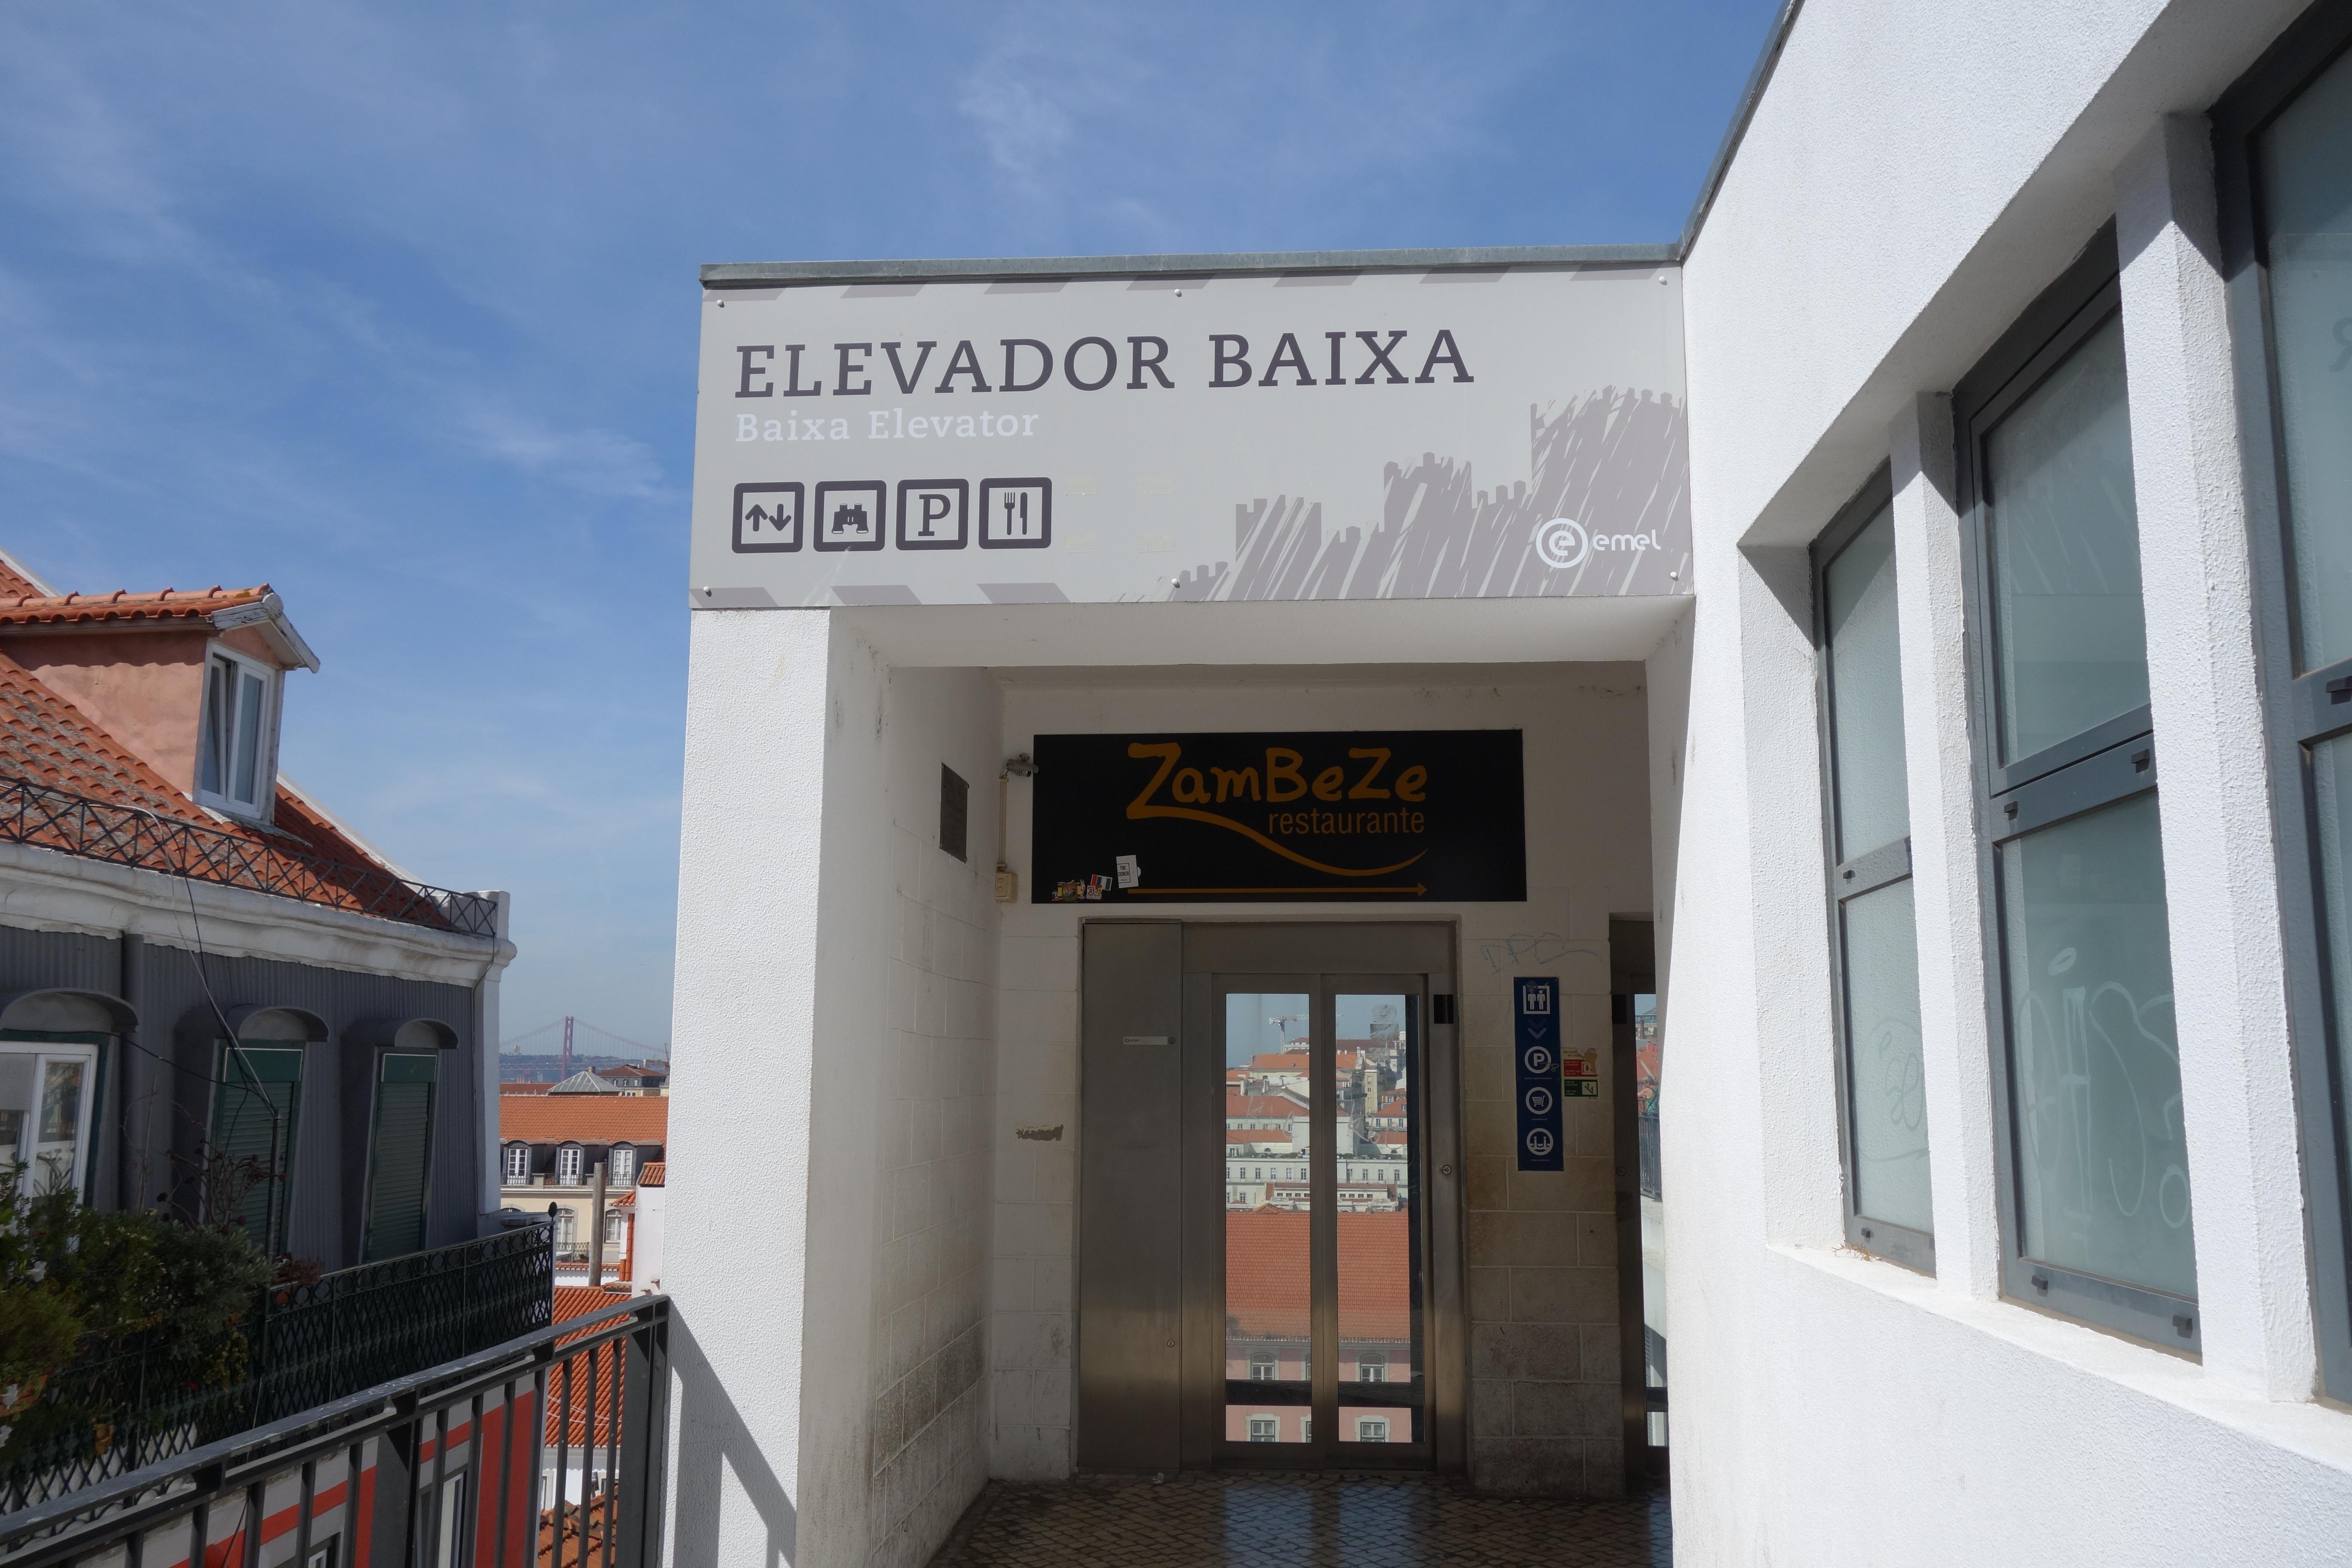 Lissabon: Elevador Baixa